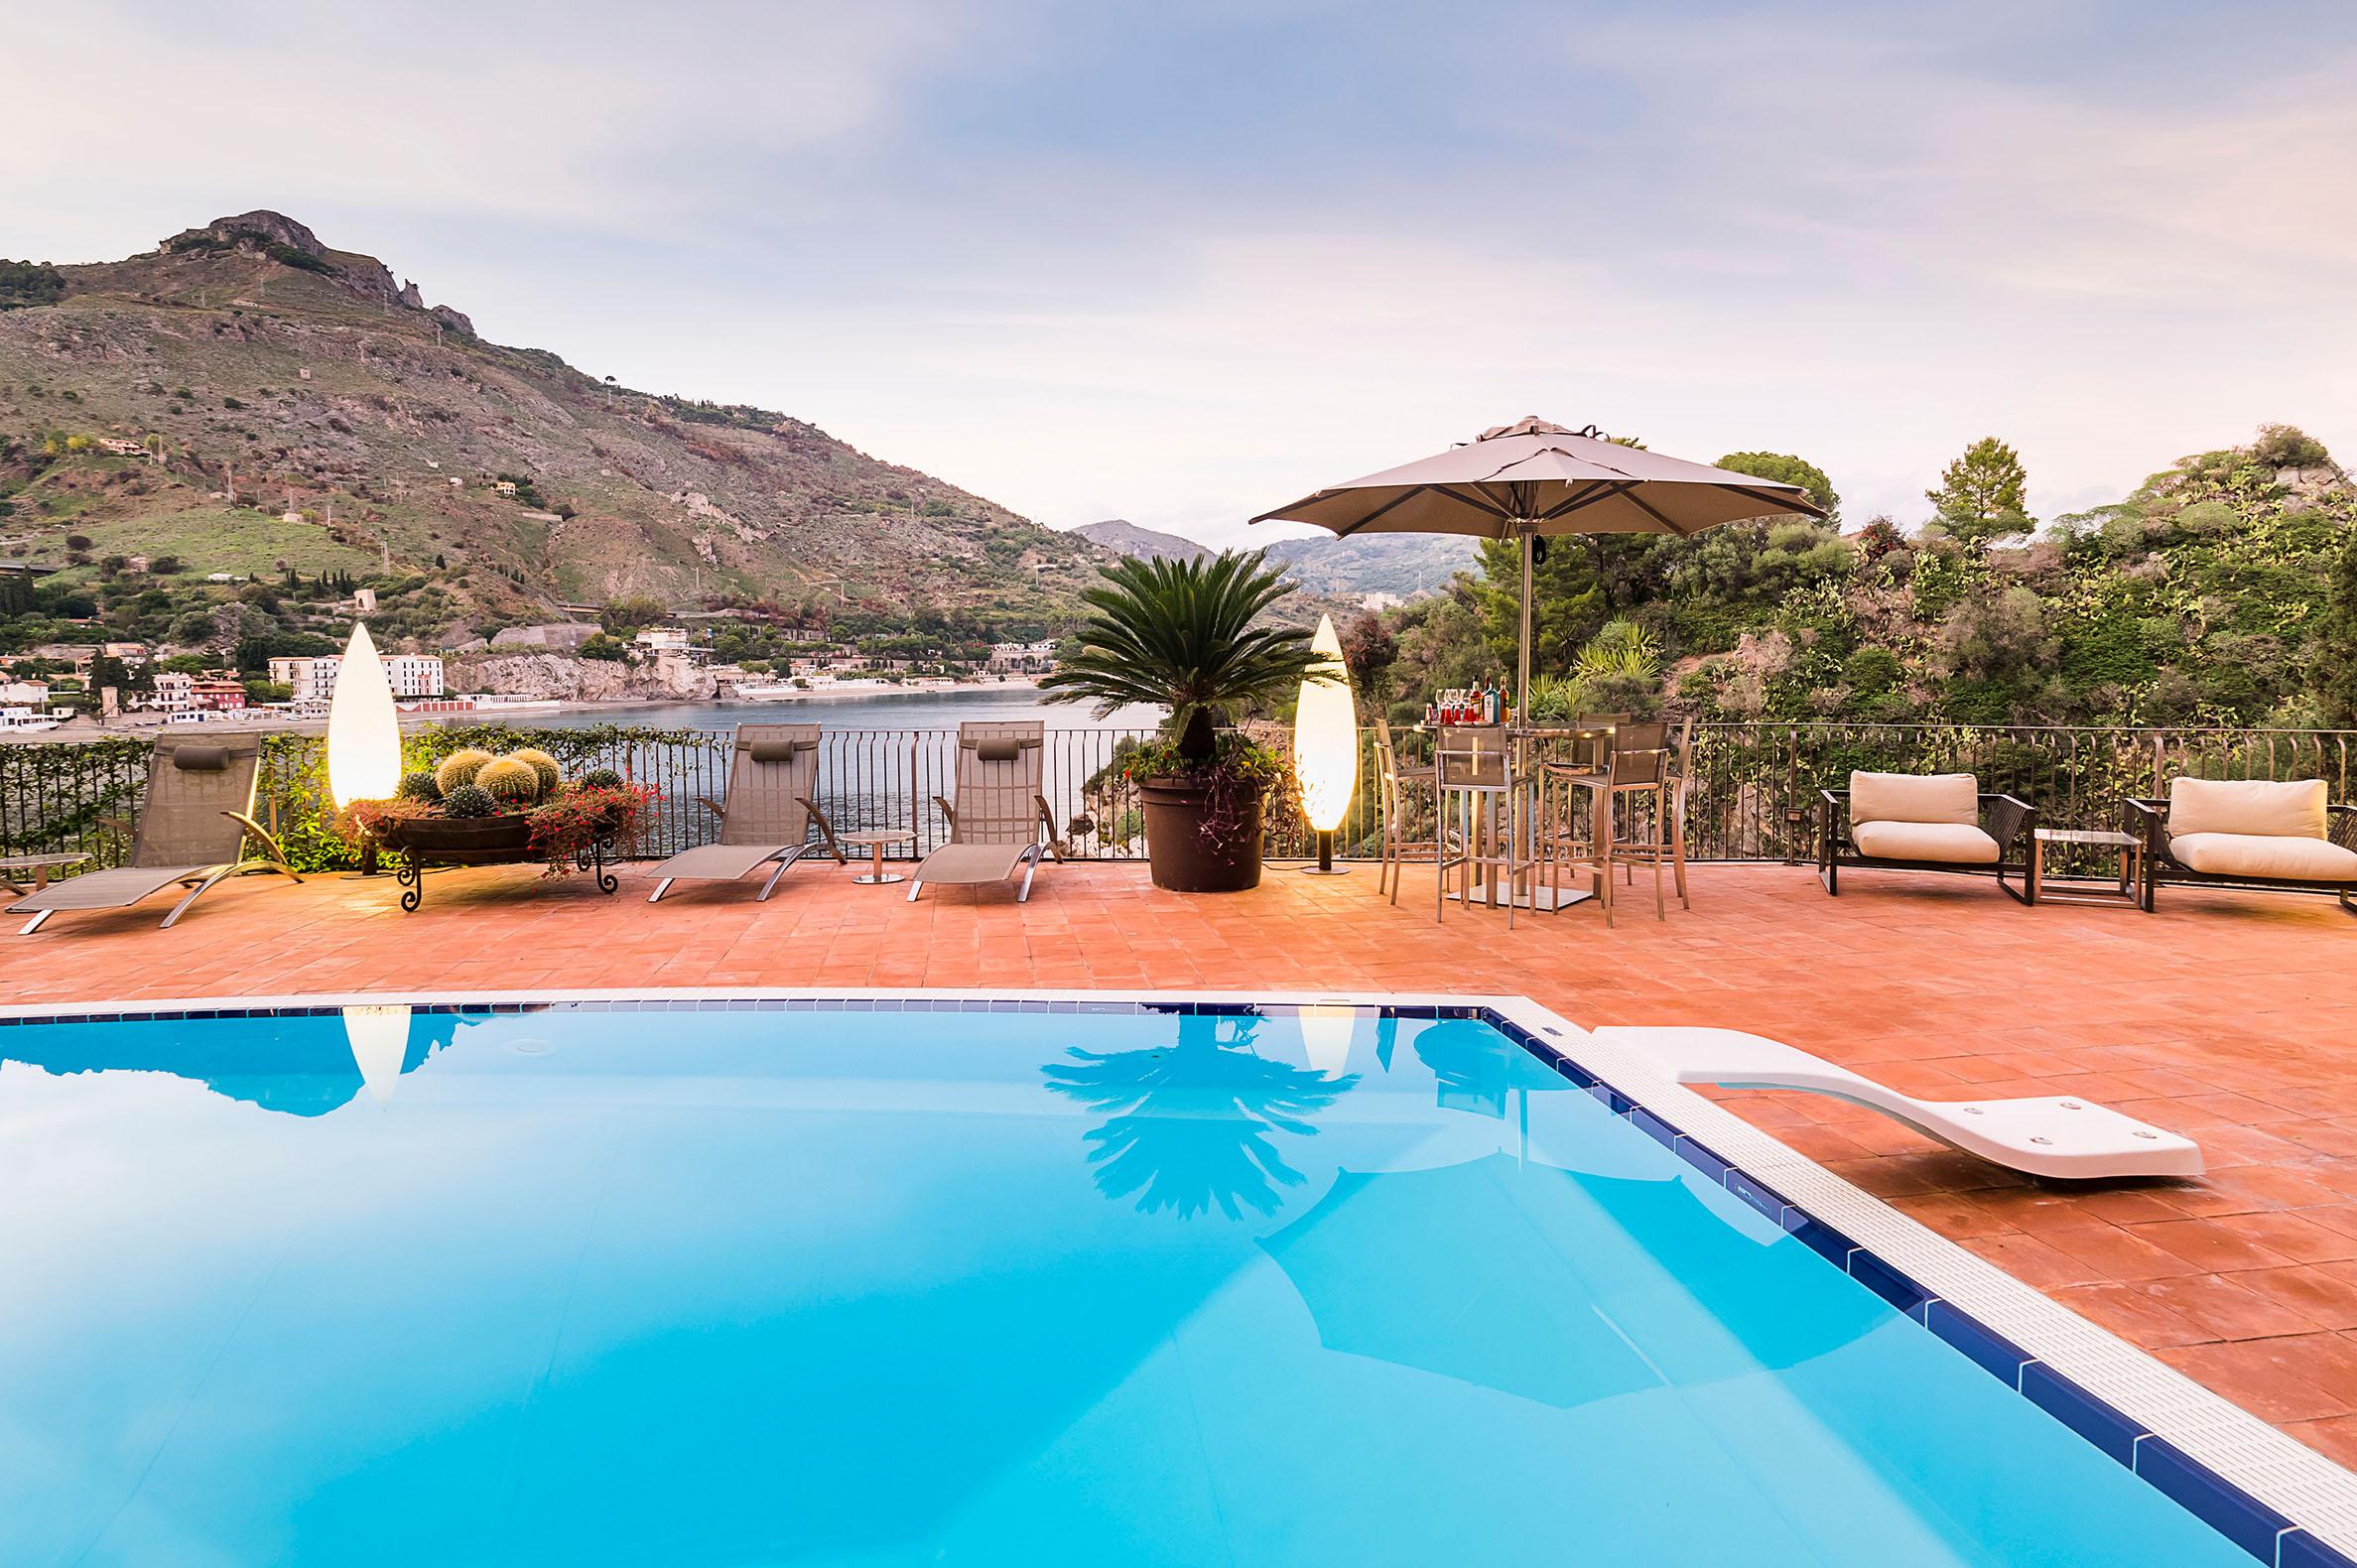 Villa Messana - Whole House in Taormina, Sicily - Italian ...